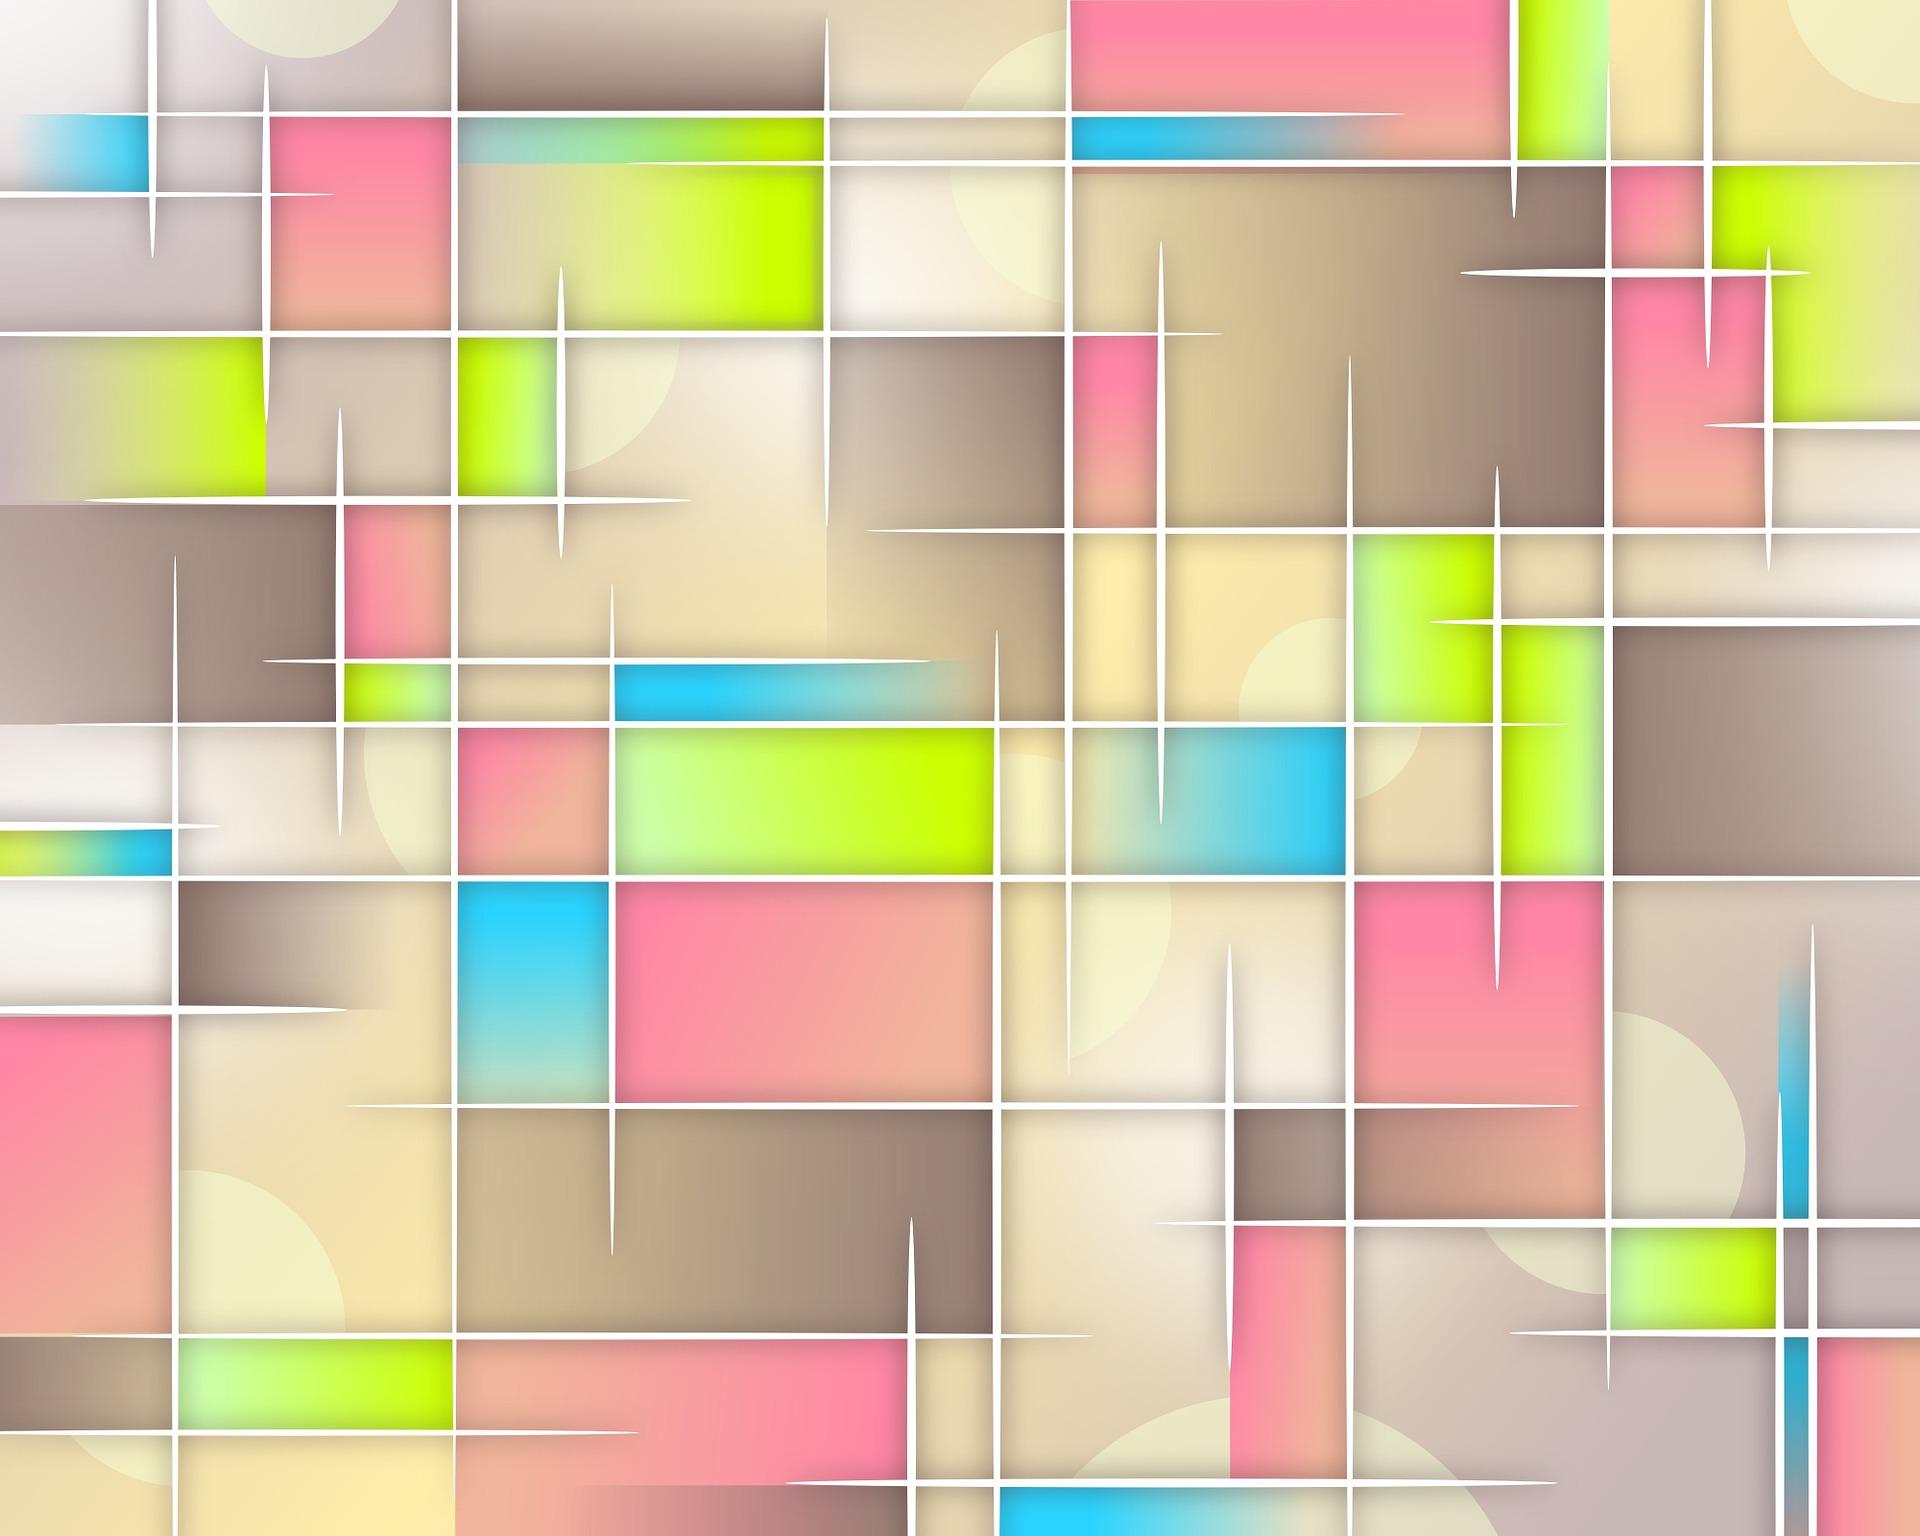 rete, colori, Piazza, illustrazione, Riepilogo - Sfondi HD - Professor-falken.com